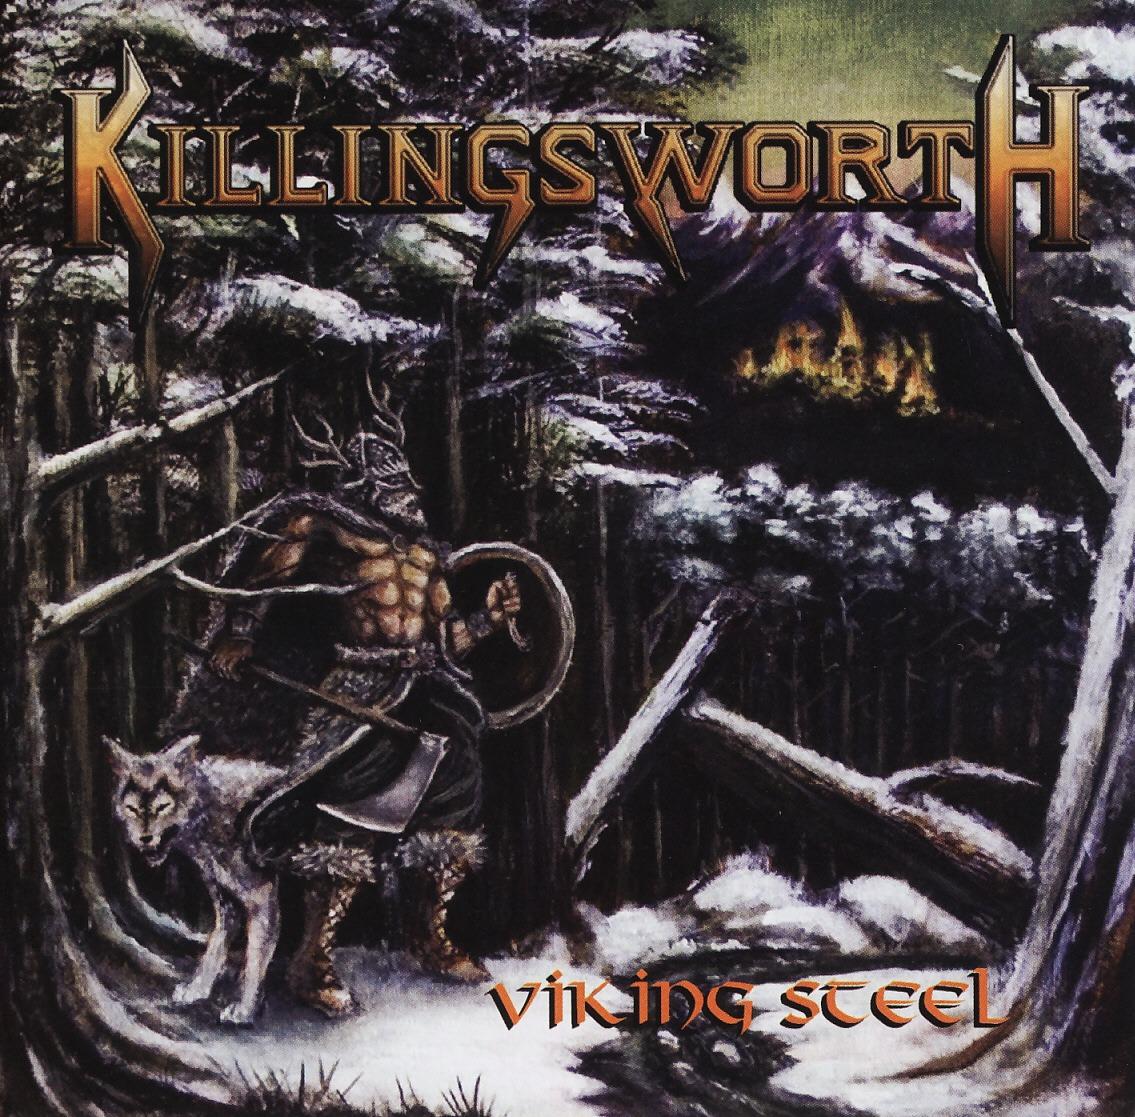 KILLINGSWORTH (US) / Viking Steel